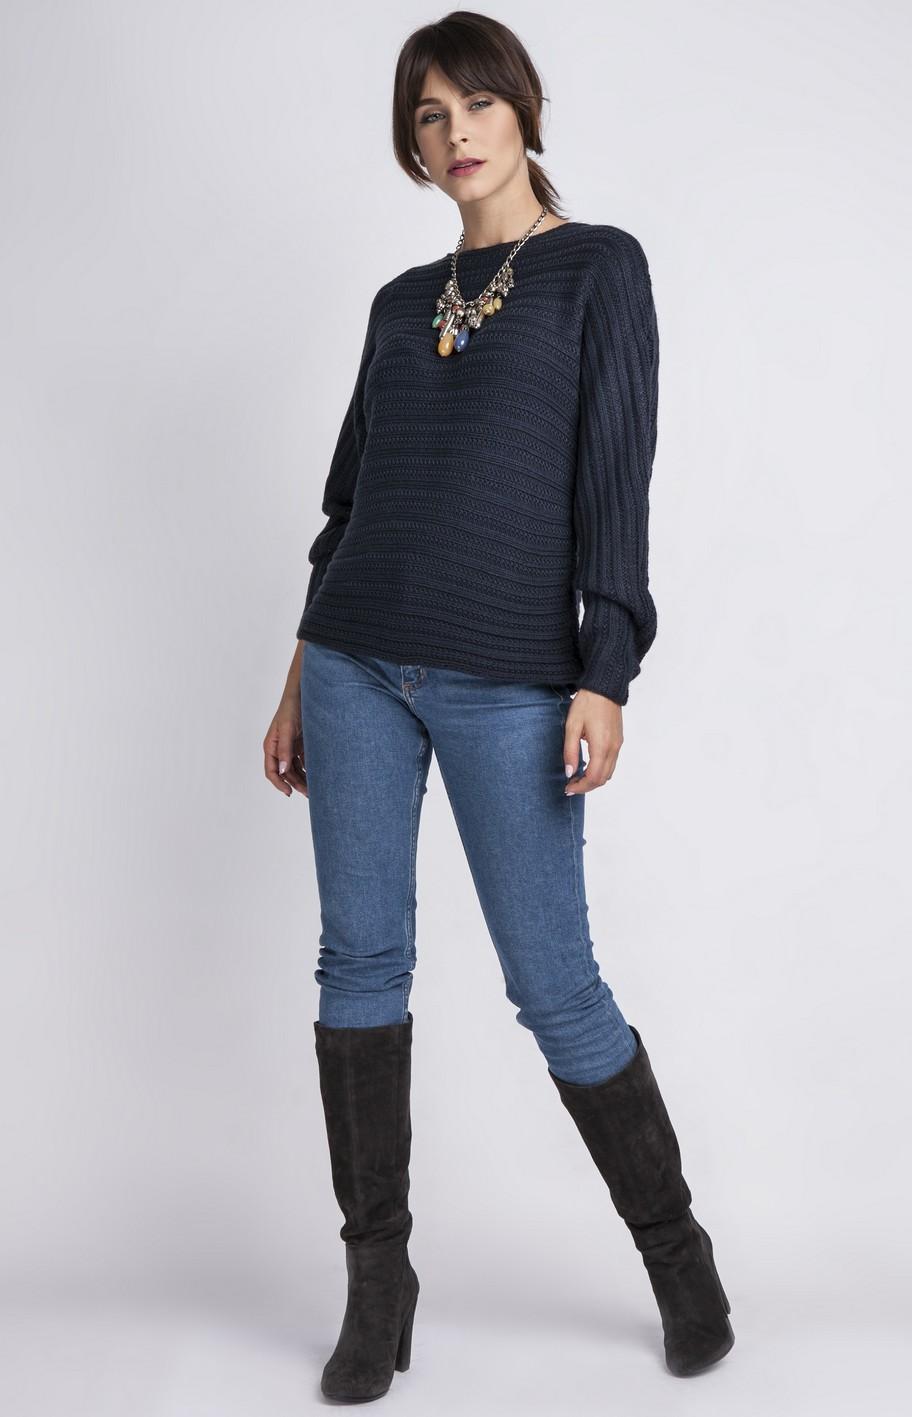 pullover femme bleu marine mkm mkswe089bm idresstocode boutique de d shabill s et nuisettes. Black Bedroom Furniture Sets. Home Design Ideas